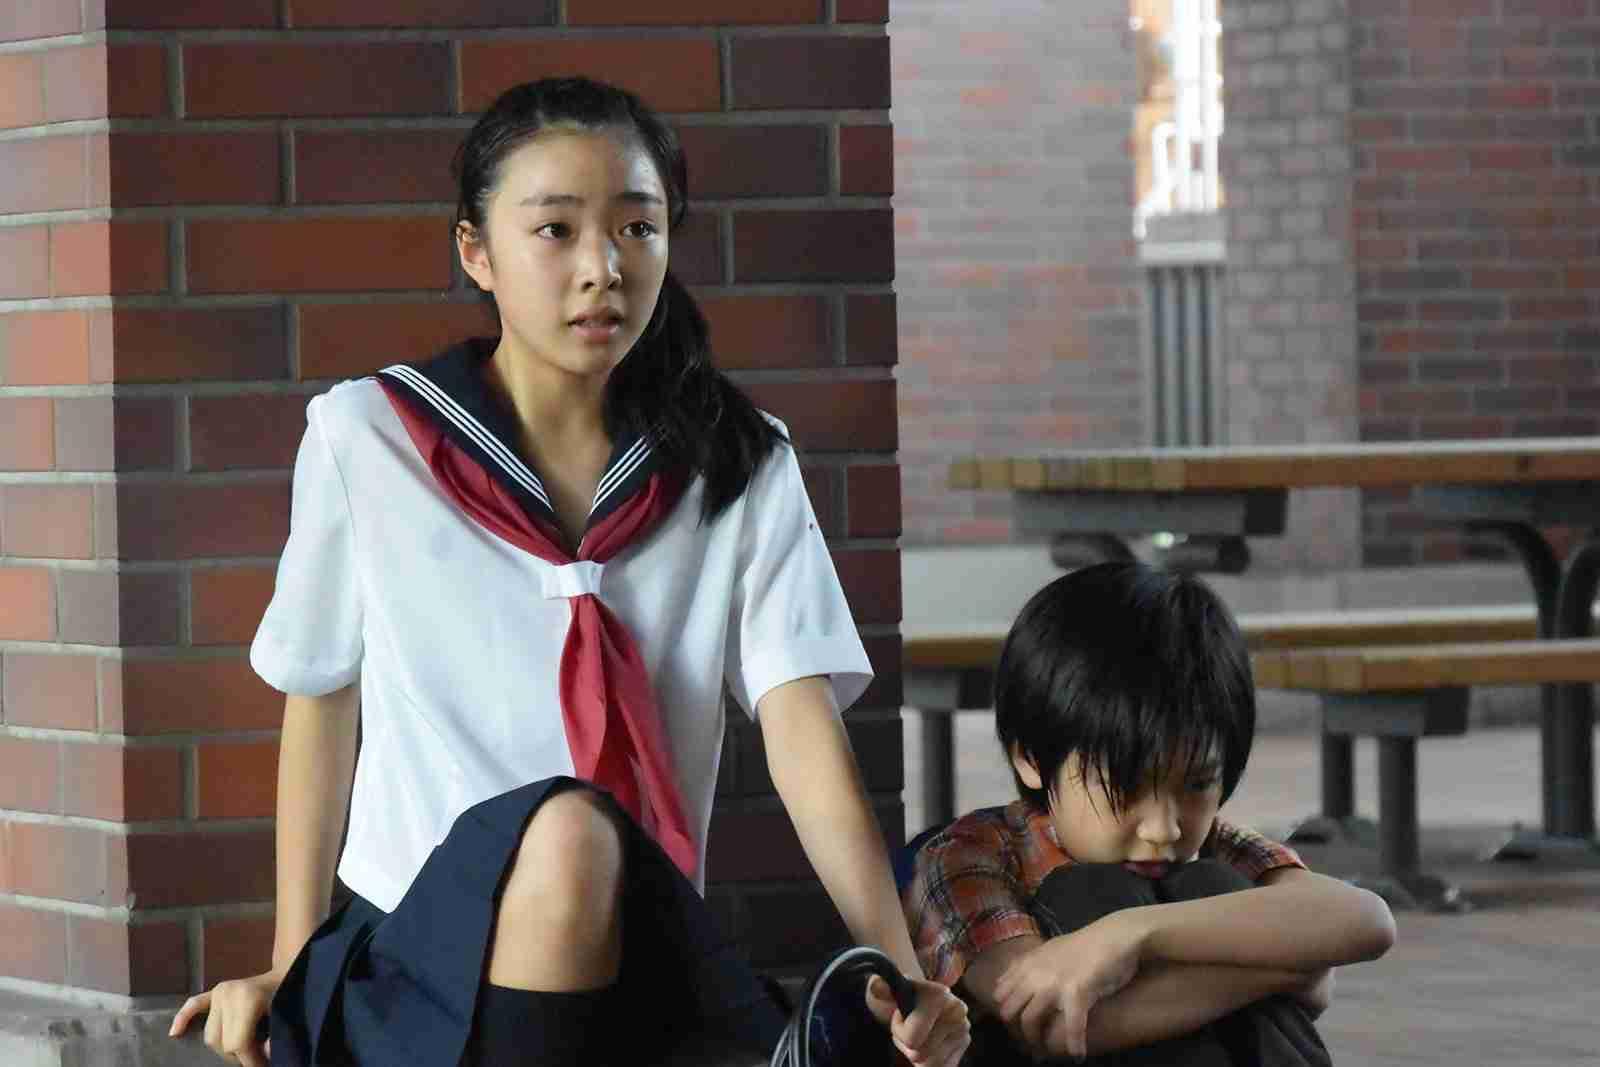 プロレスラー棚橋弘至の娘・呼春、劇場版「仮面ライダービルド」で銀幕デビュー